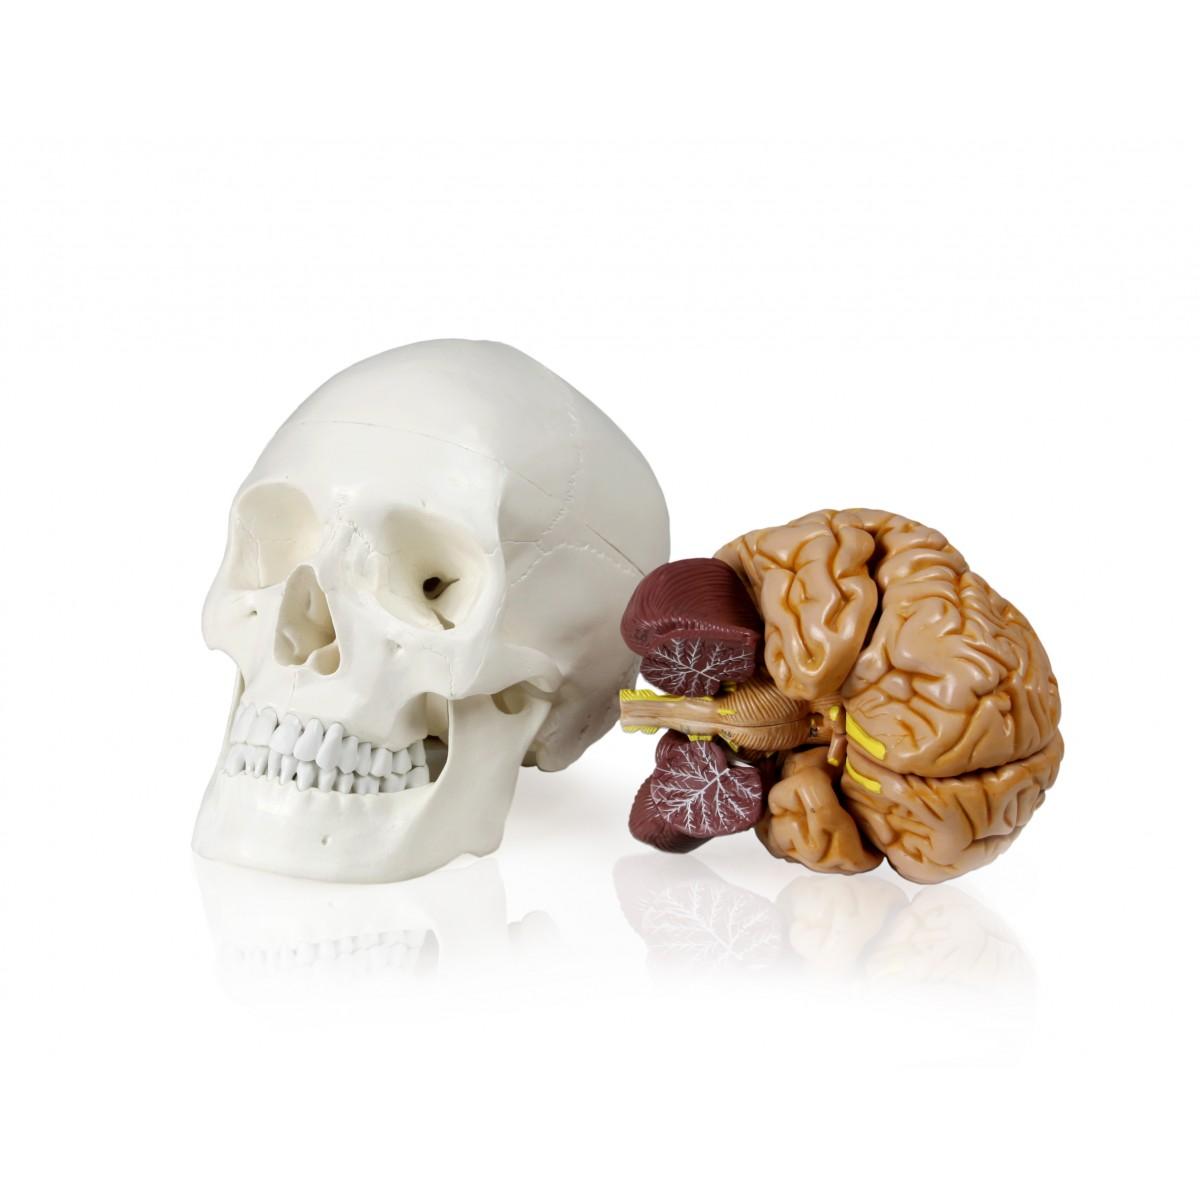 Walter Human Skull w/Brain - Skulls - Skeletal System - Human ...